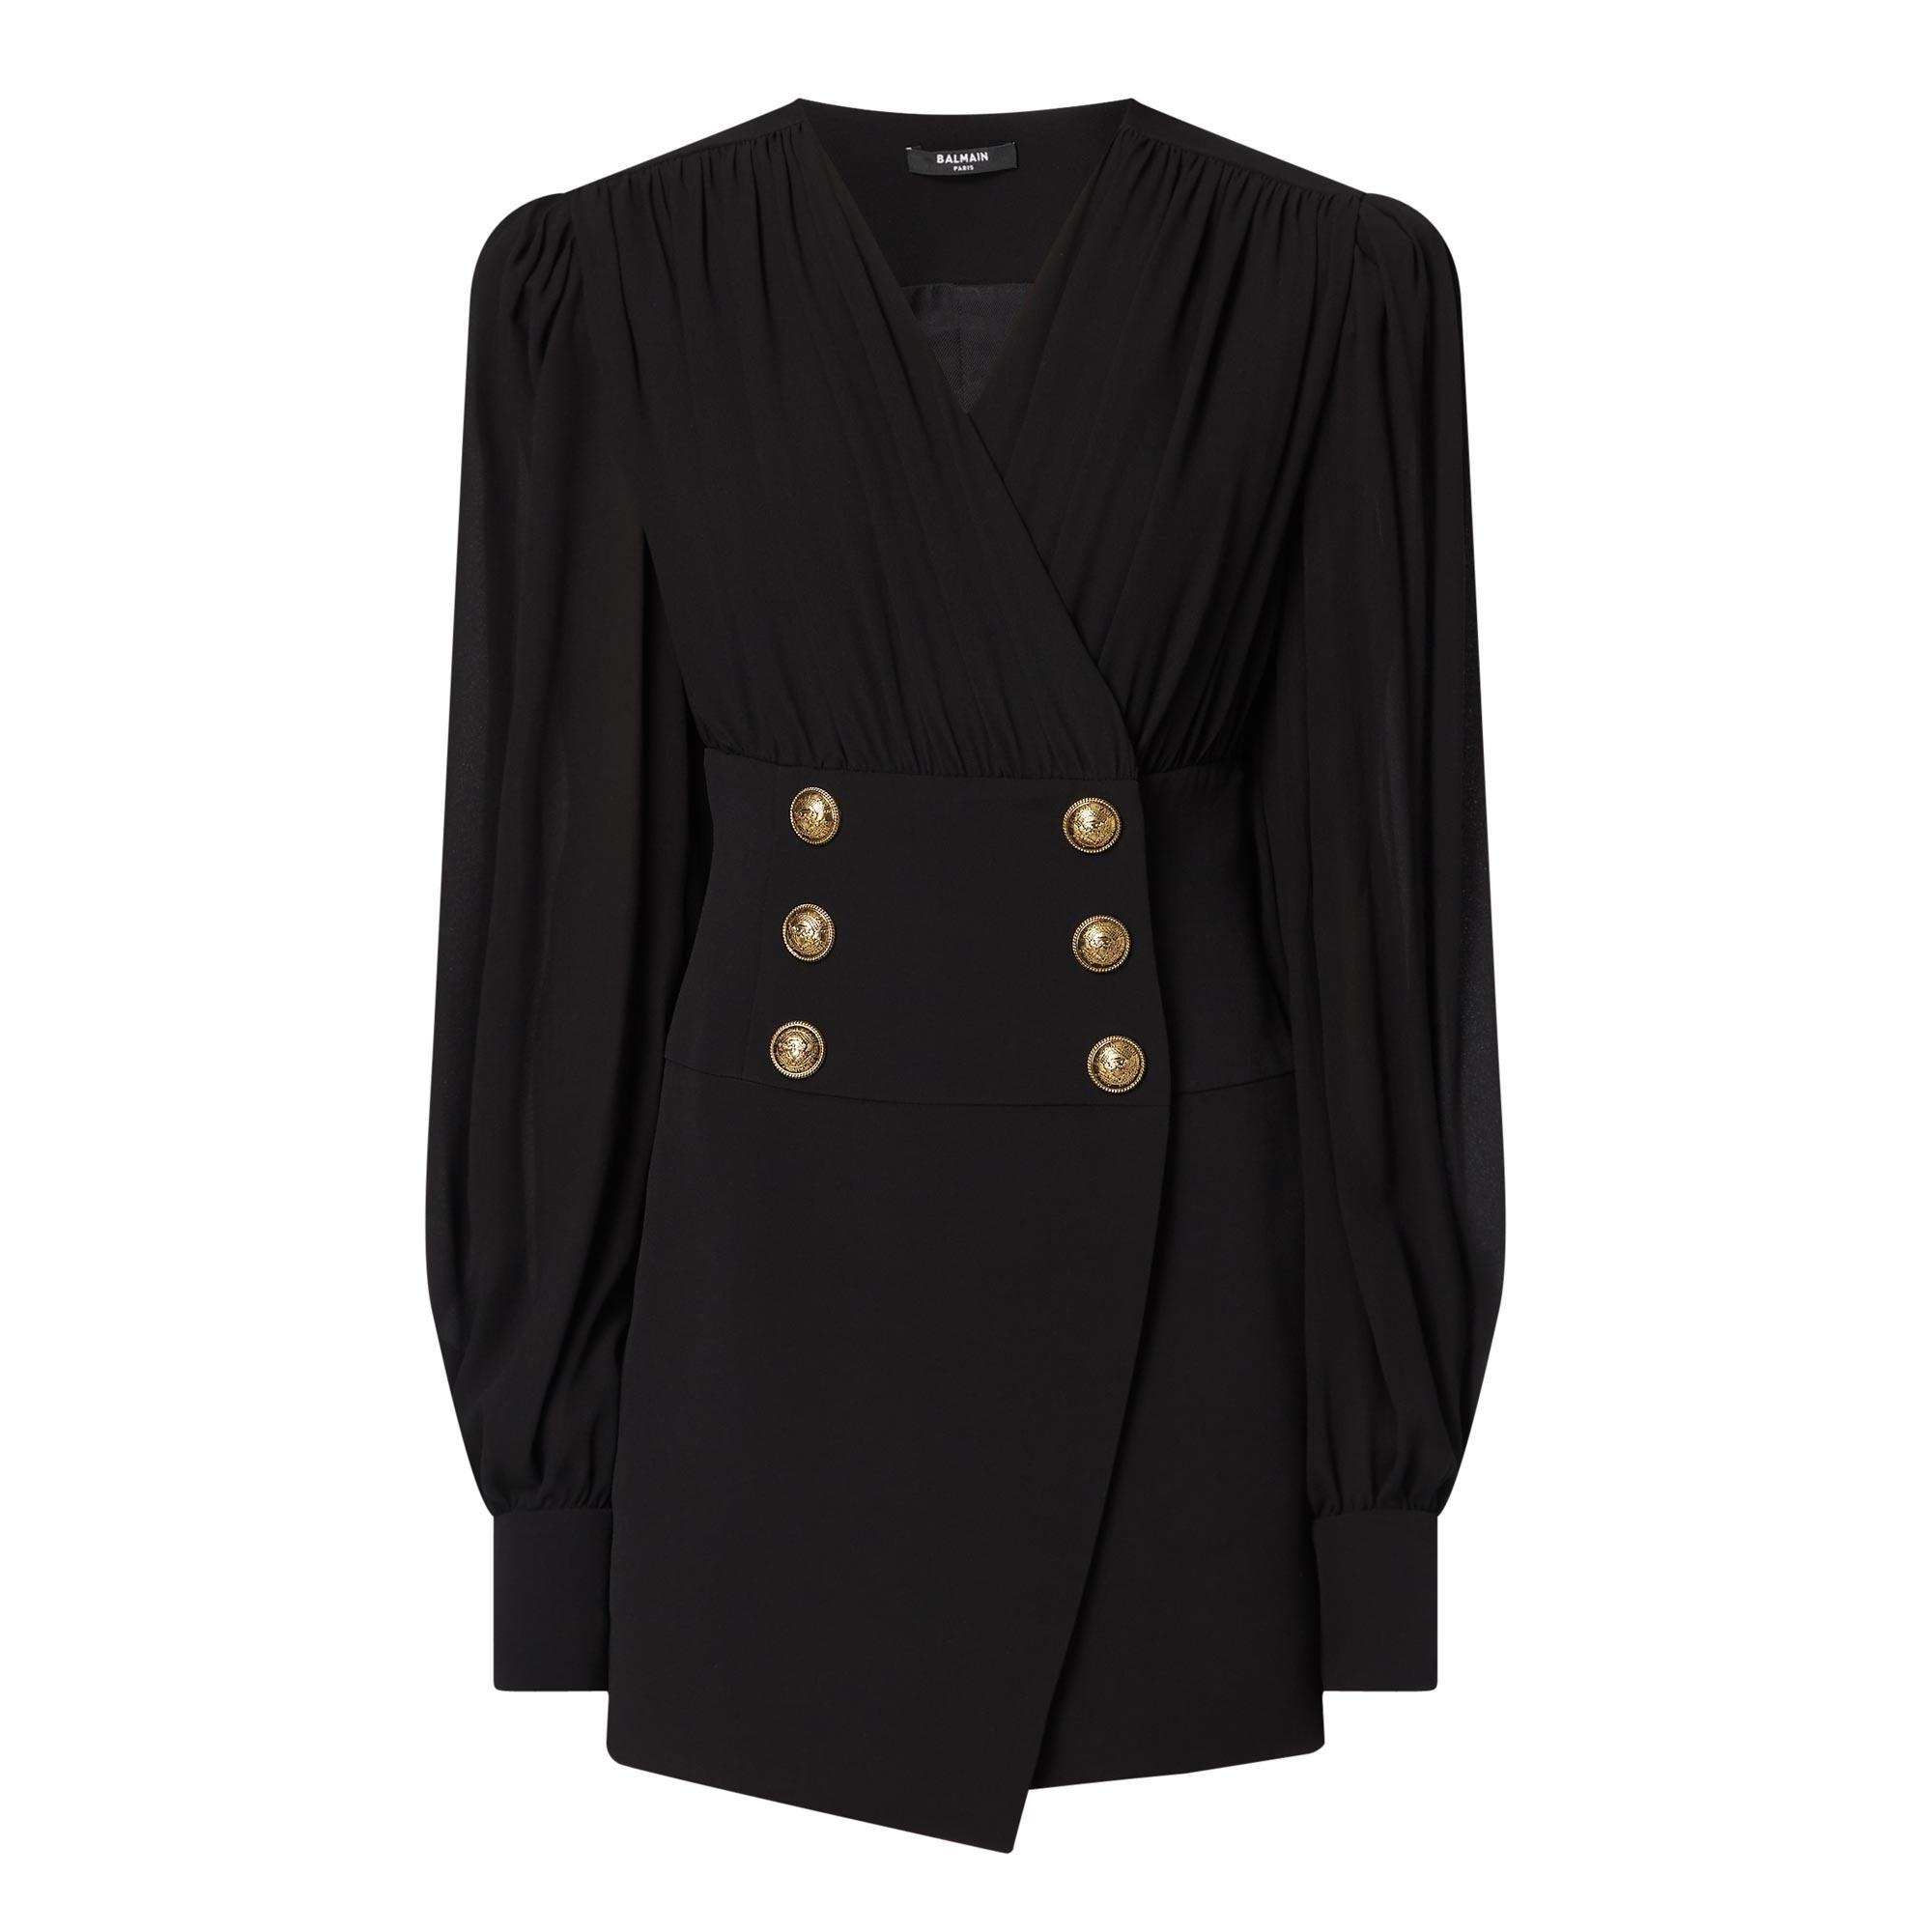 Six-Button Sleeve Dress